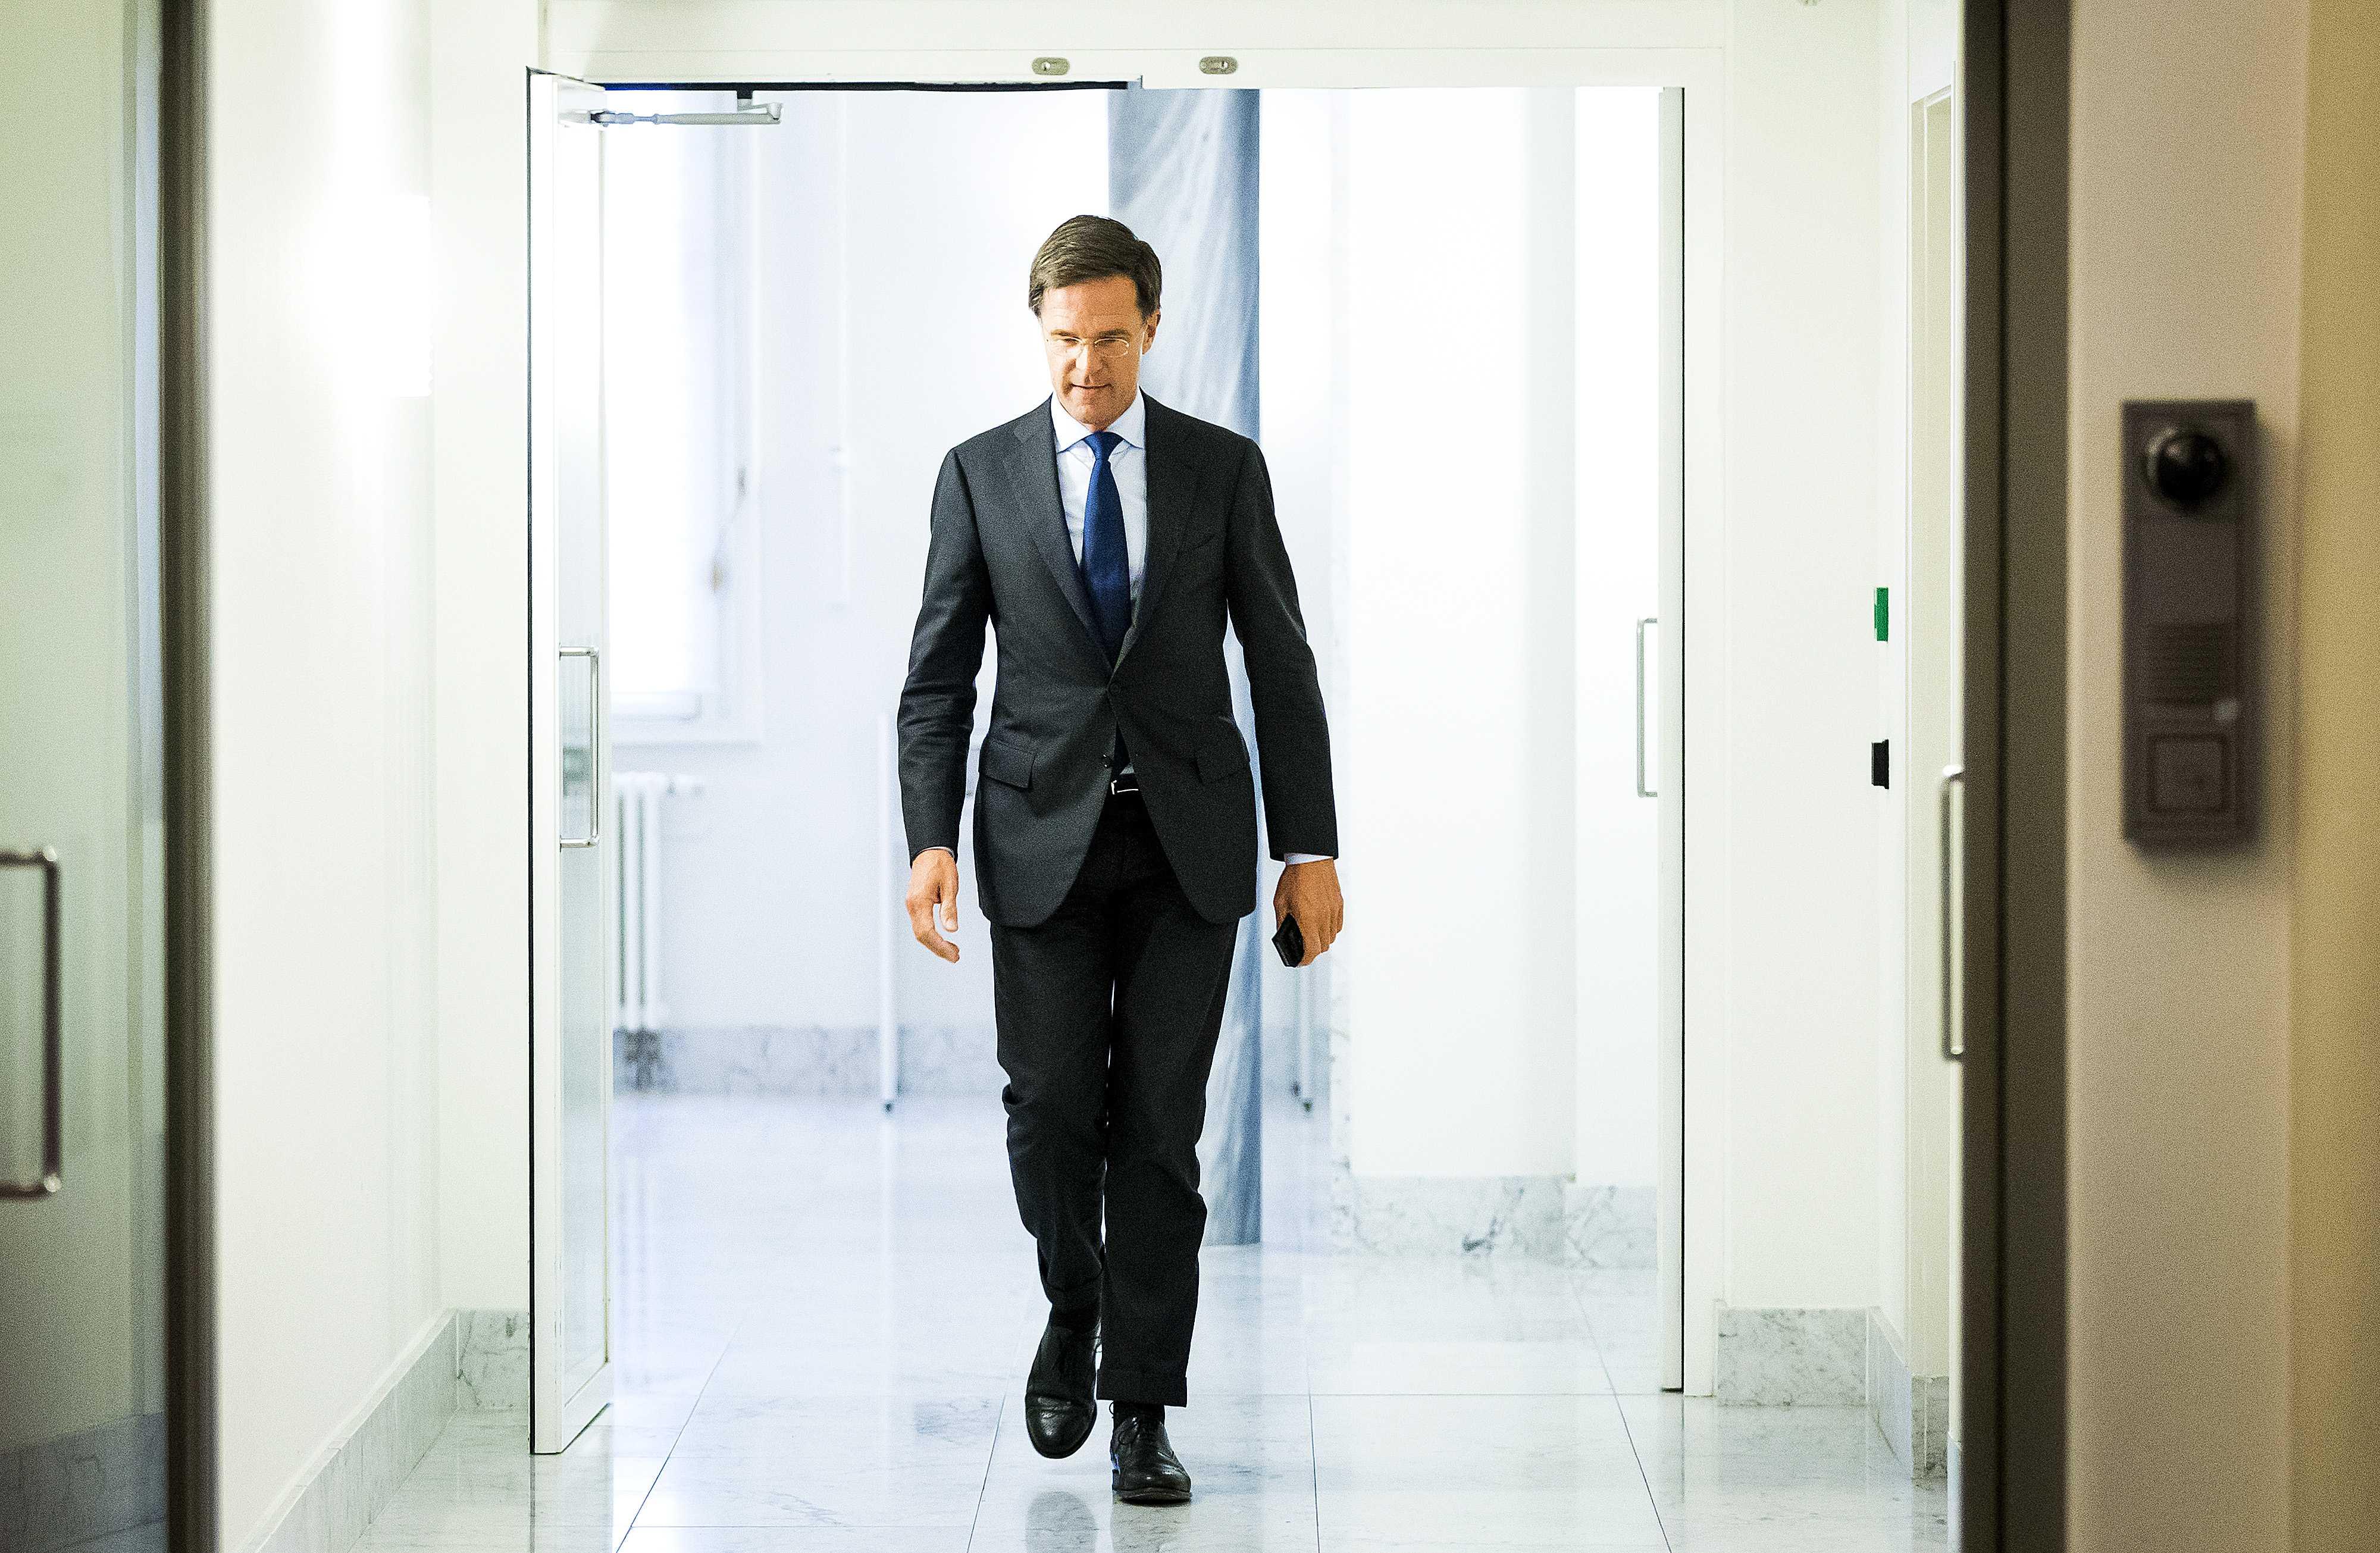 Holandë, koalicioni qeverisës rrezikon të humbasë shumicën në parlament